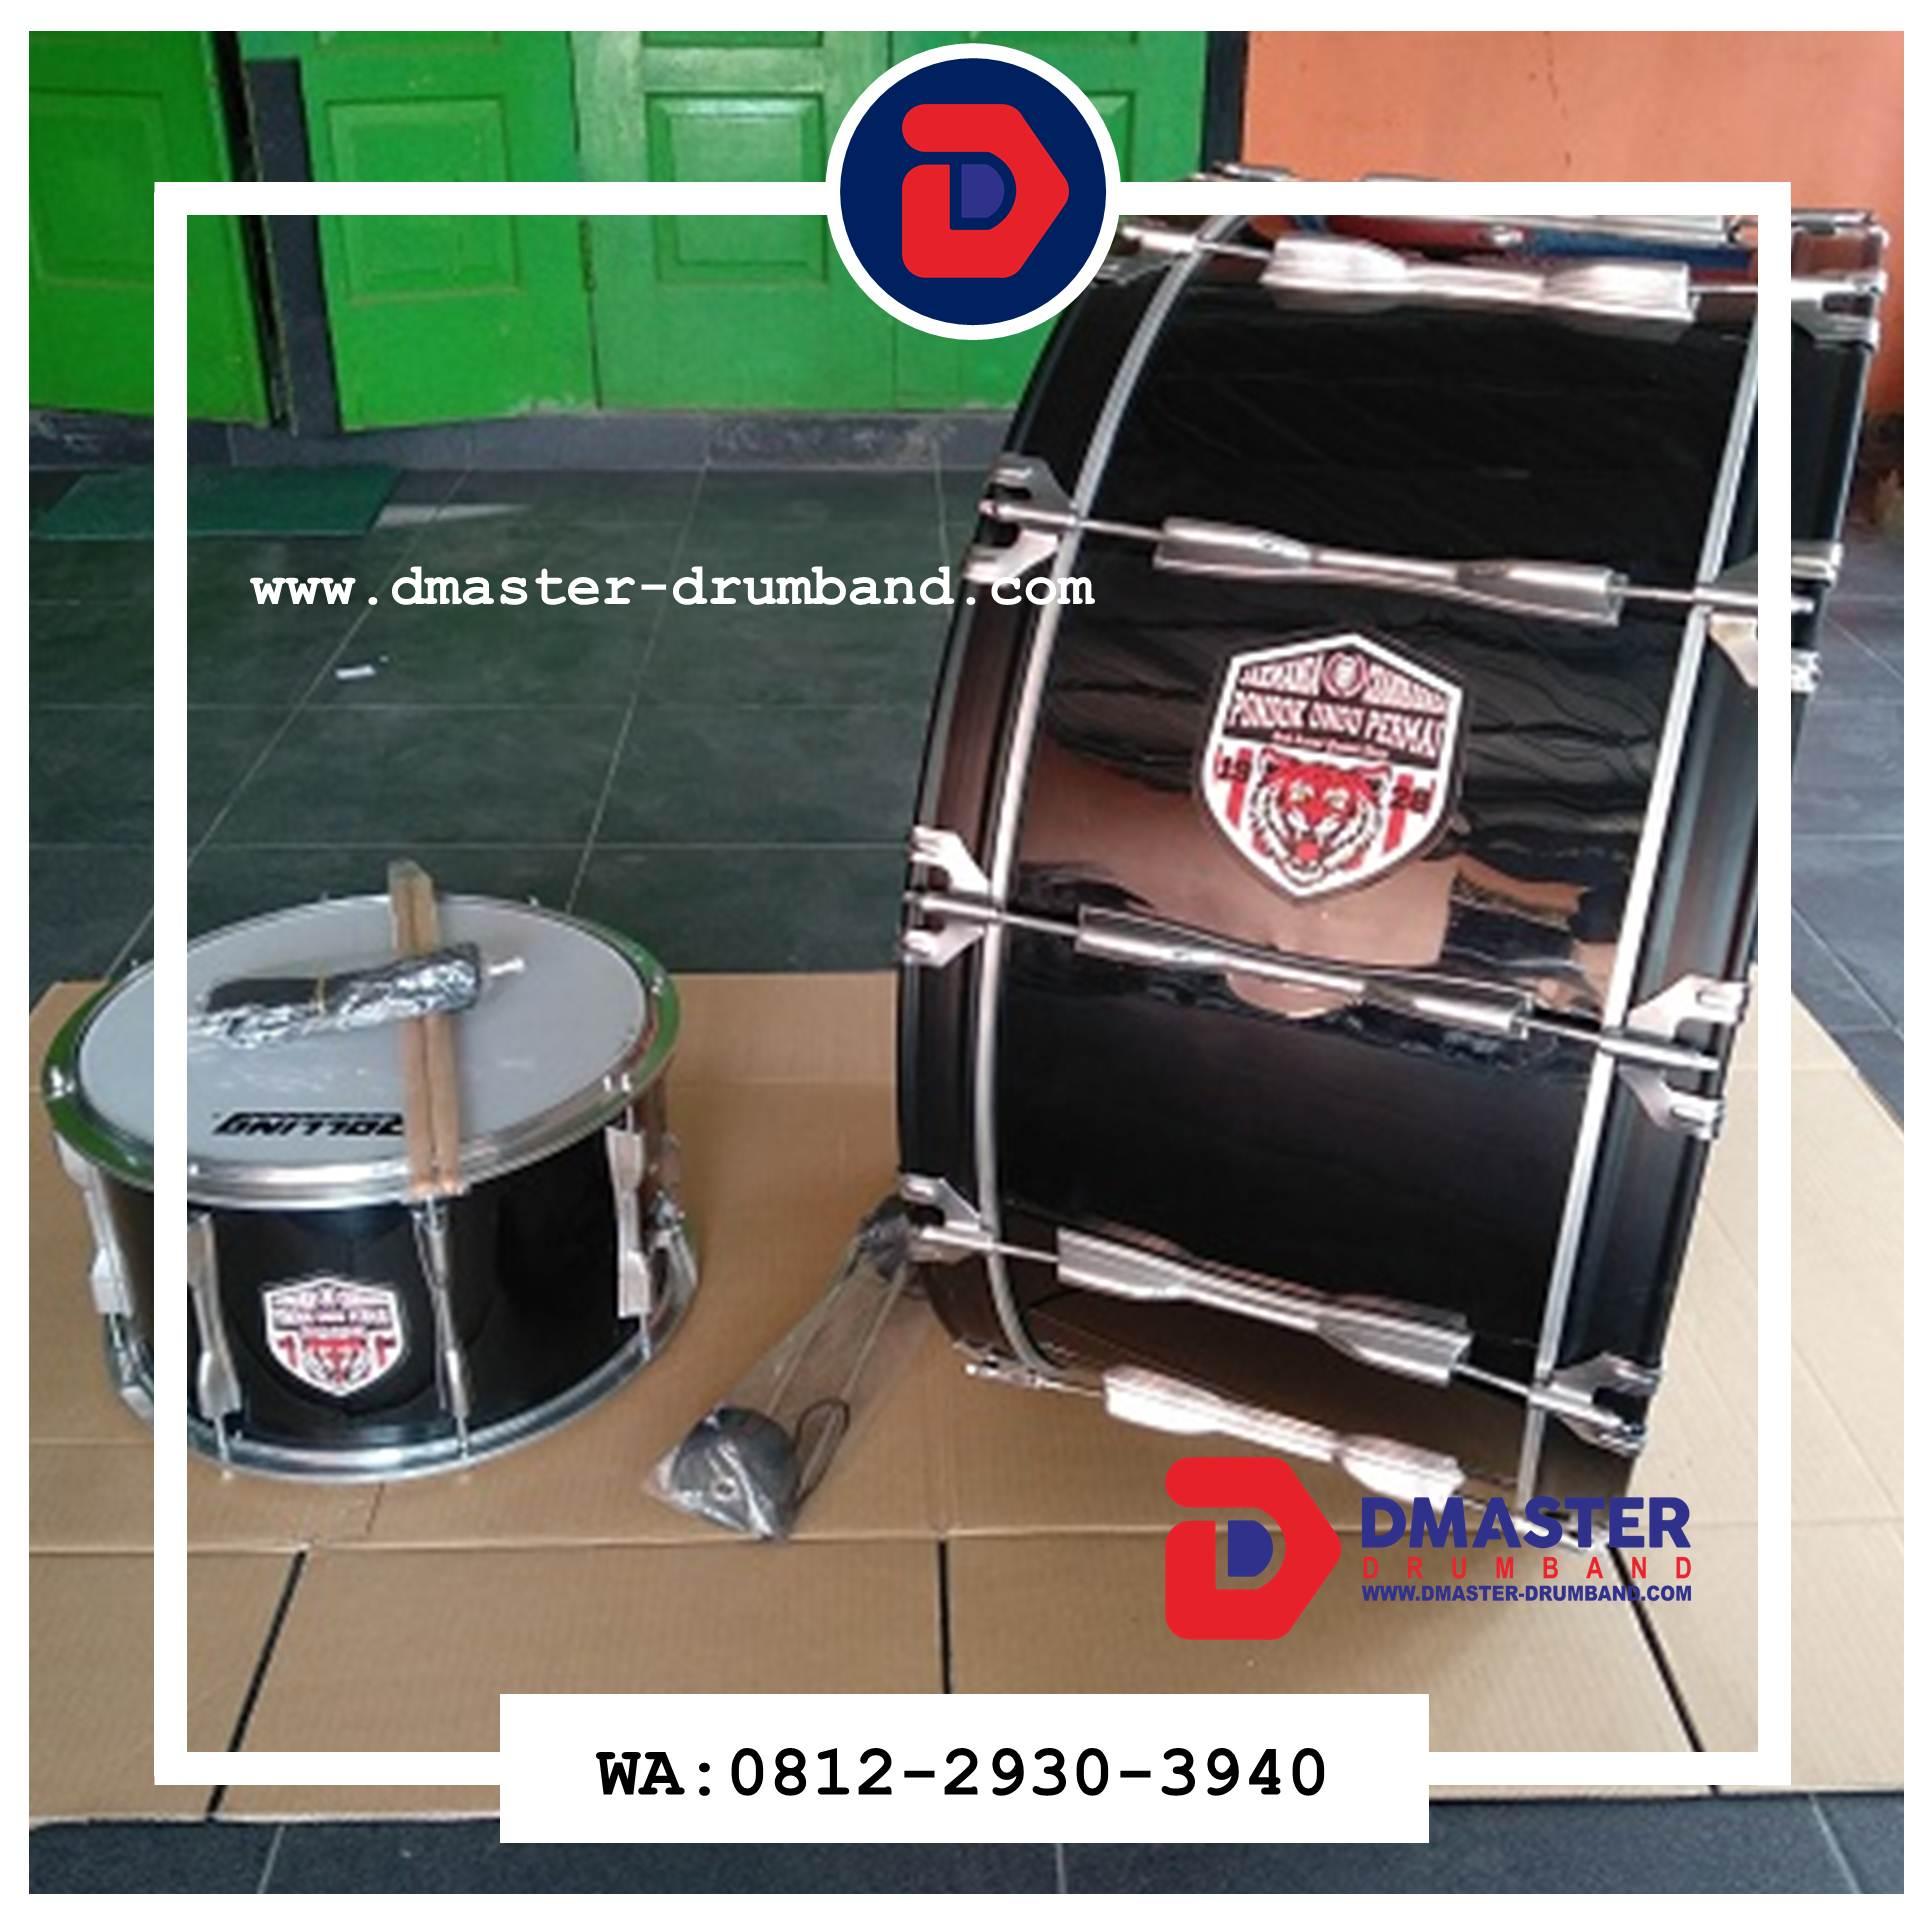 jual drumband suporter | dmaster-drumband | wa.0812-2930-3940